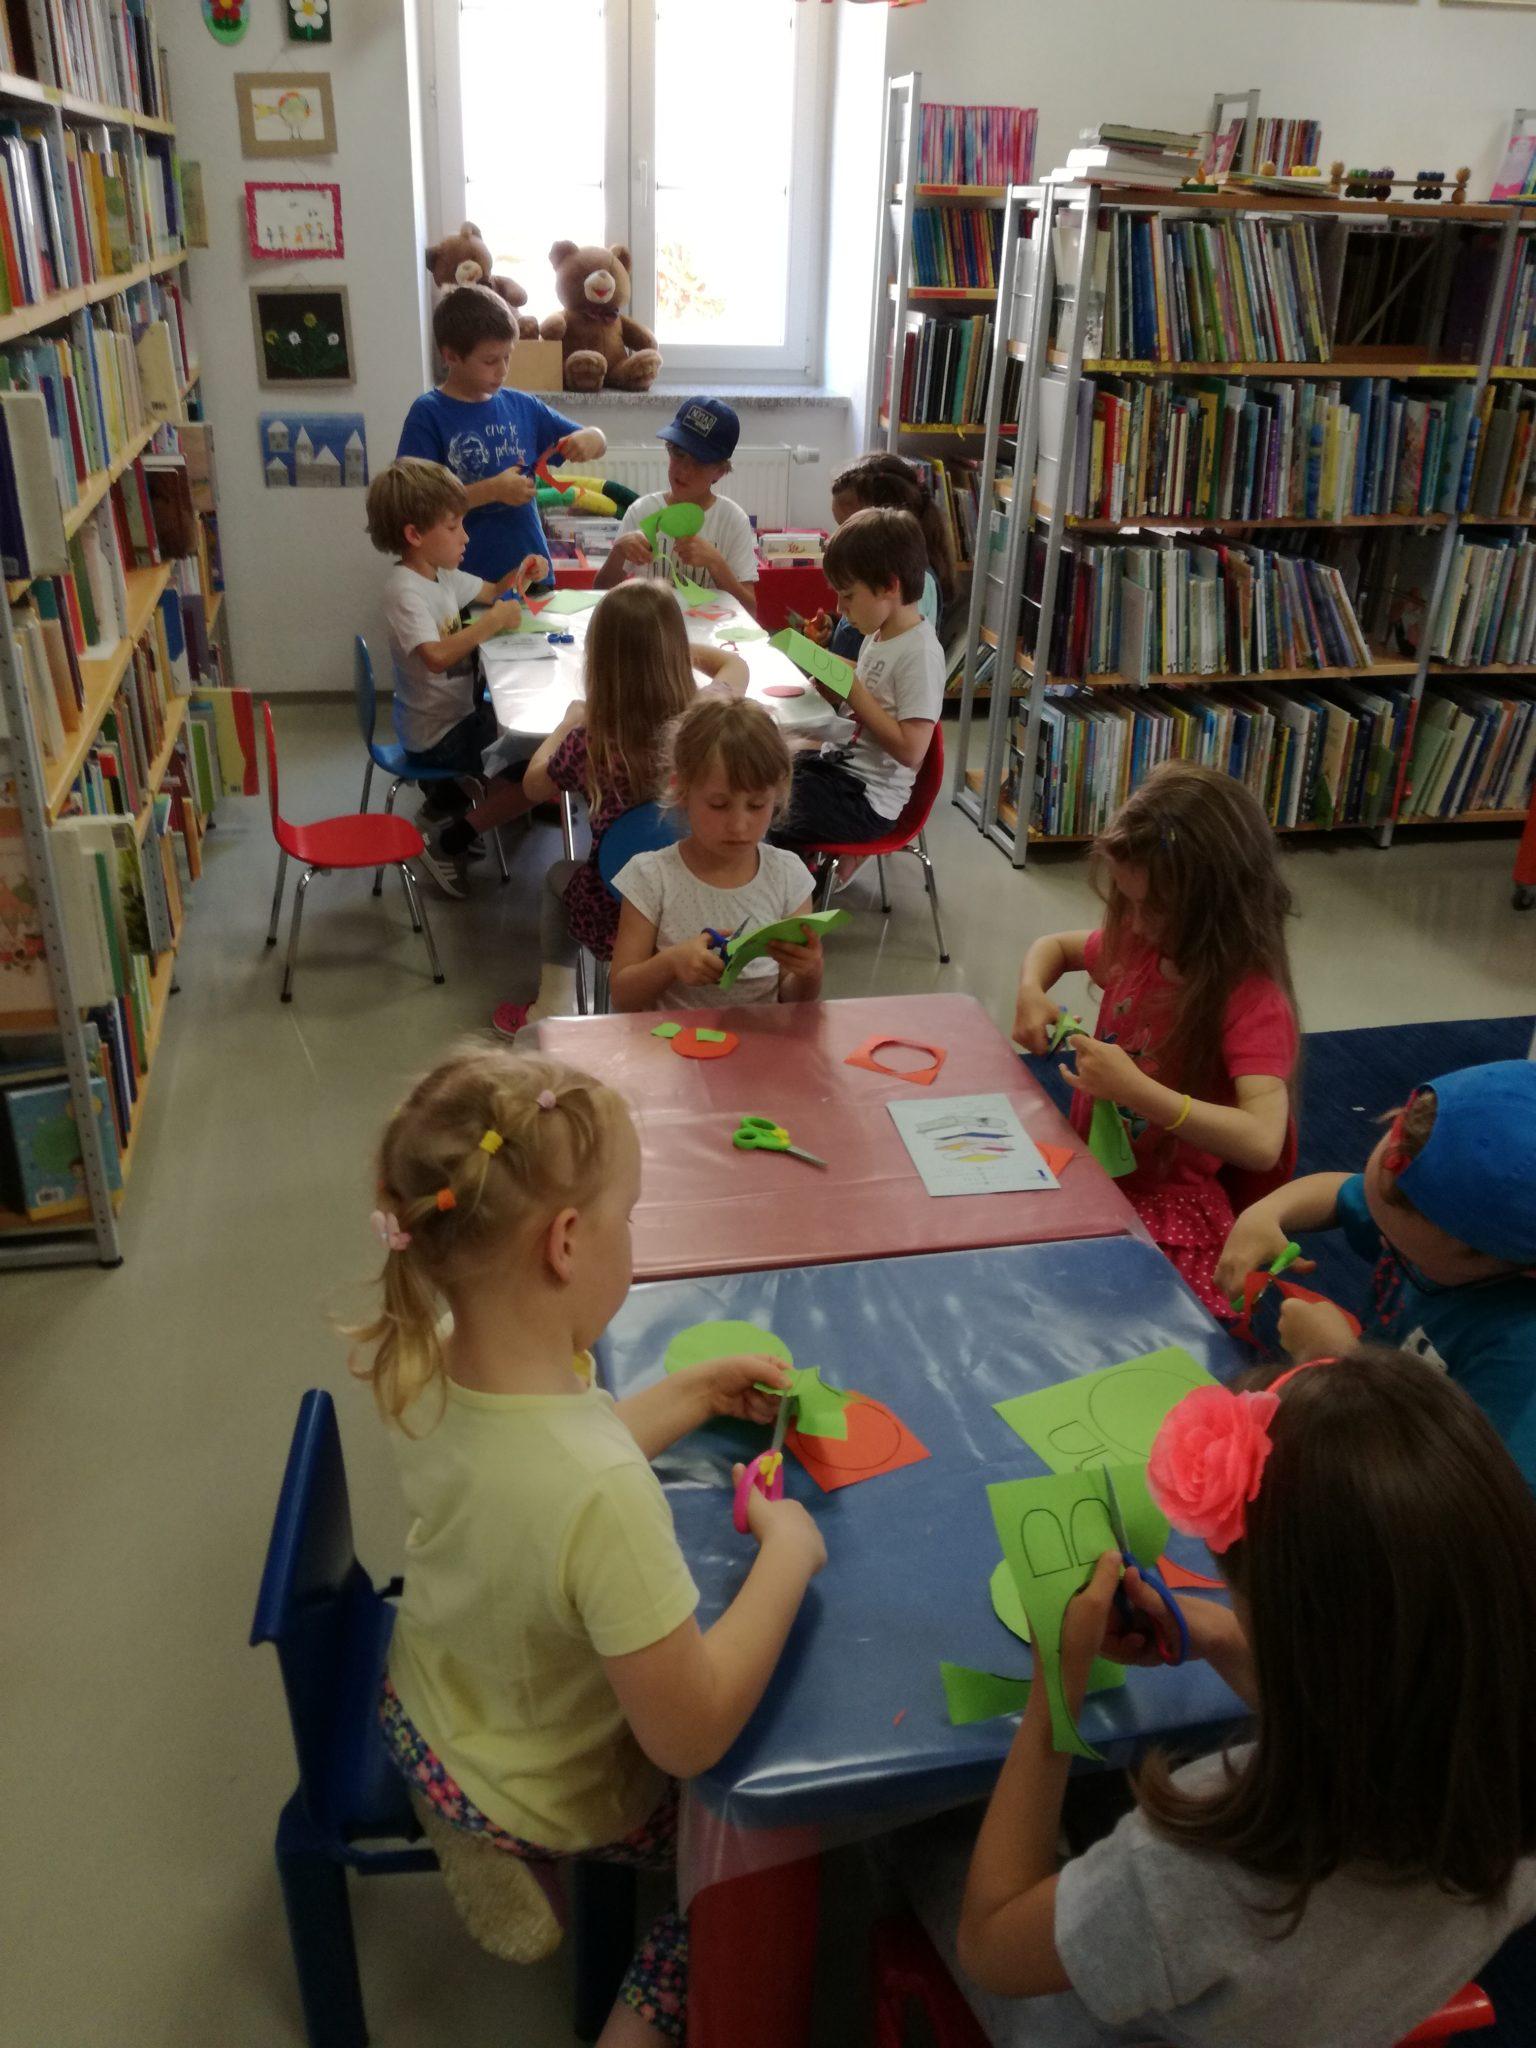 IMG 20190605 174134 - Pravljična ura in ustvarjalna delavnica za otroke od 4. leta dalje – Cerknica